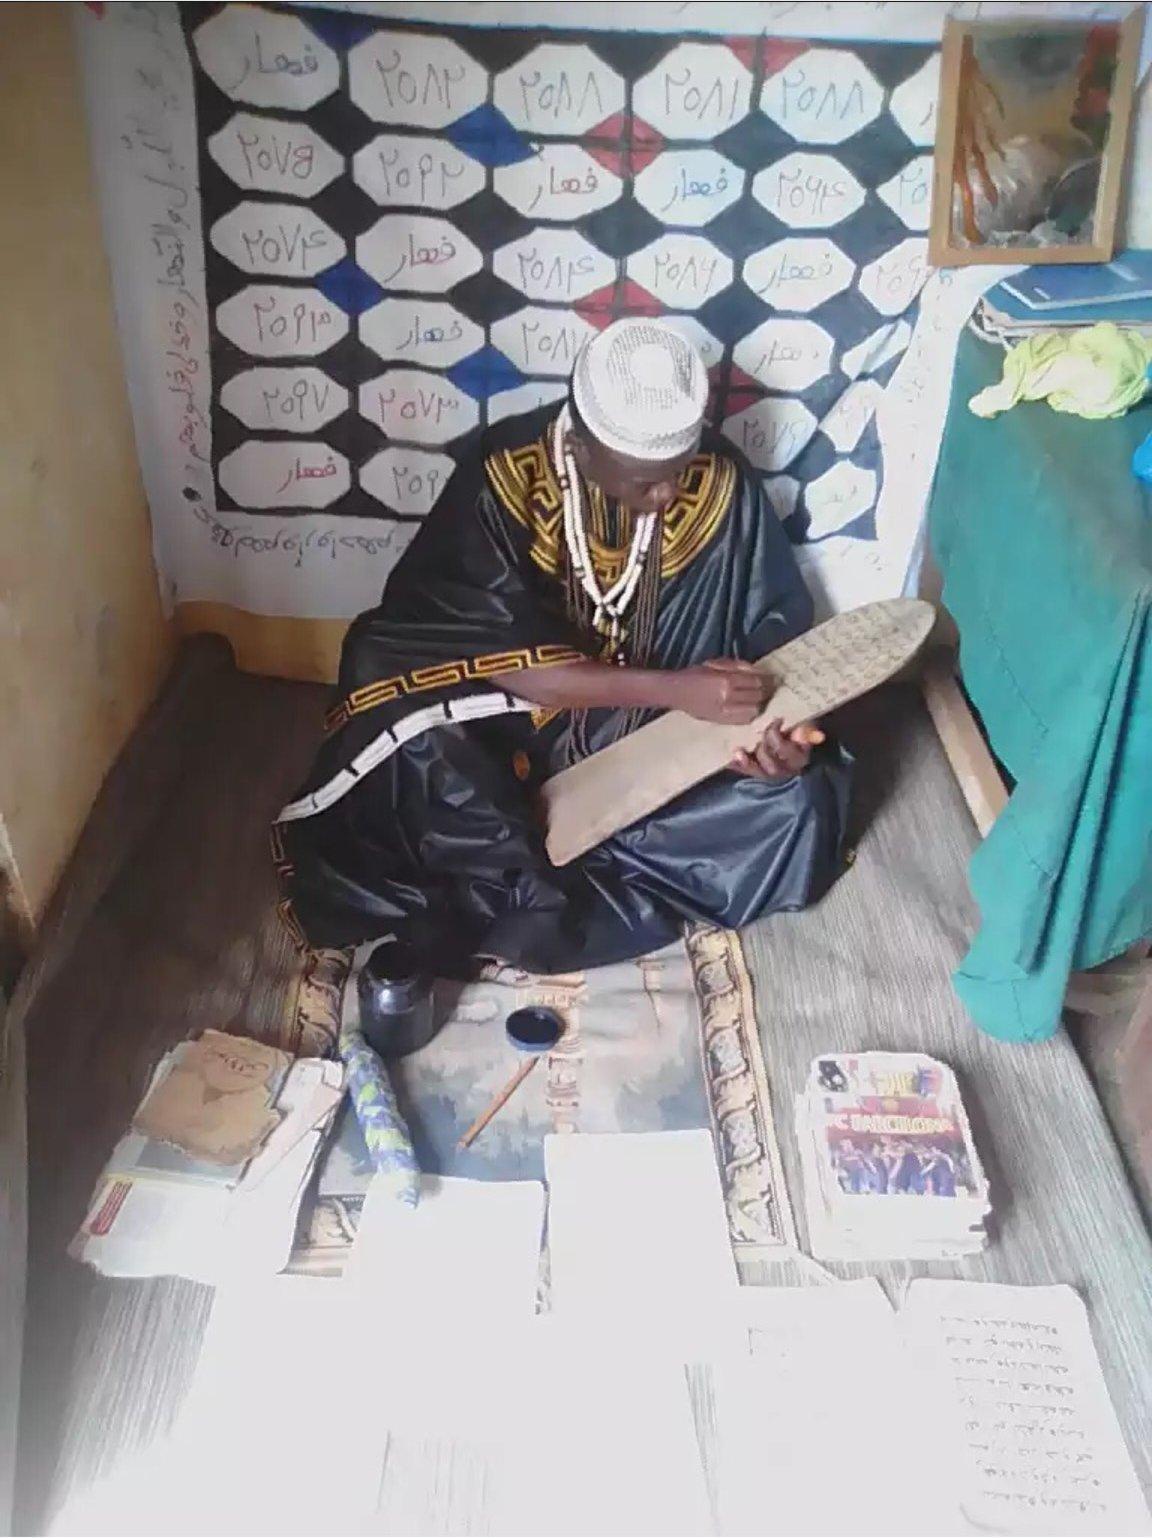 Pr Boumba marabout voyance retour affectif Périgueux et environs 07 89 21 31 50